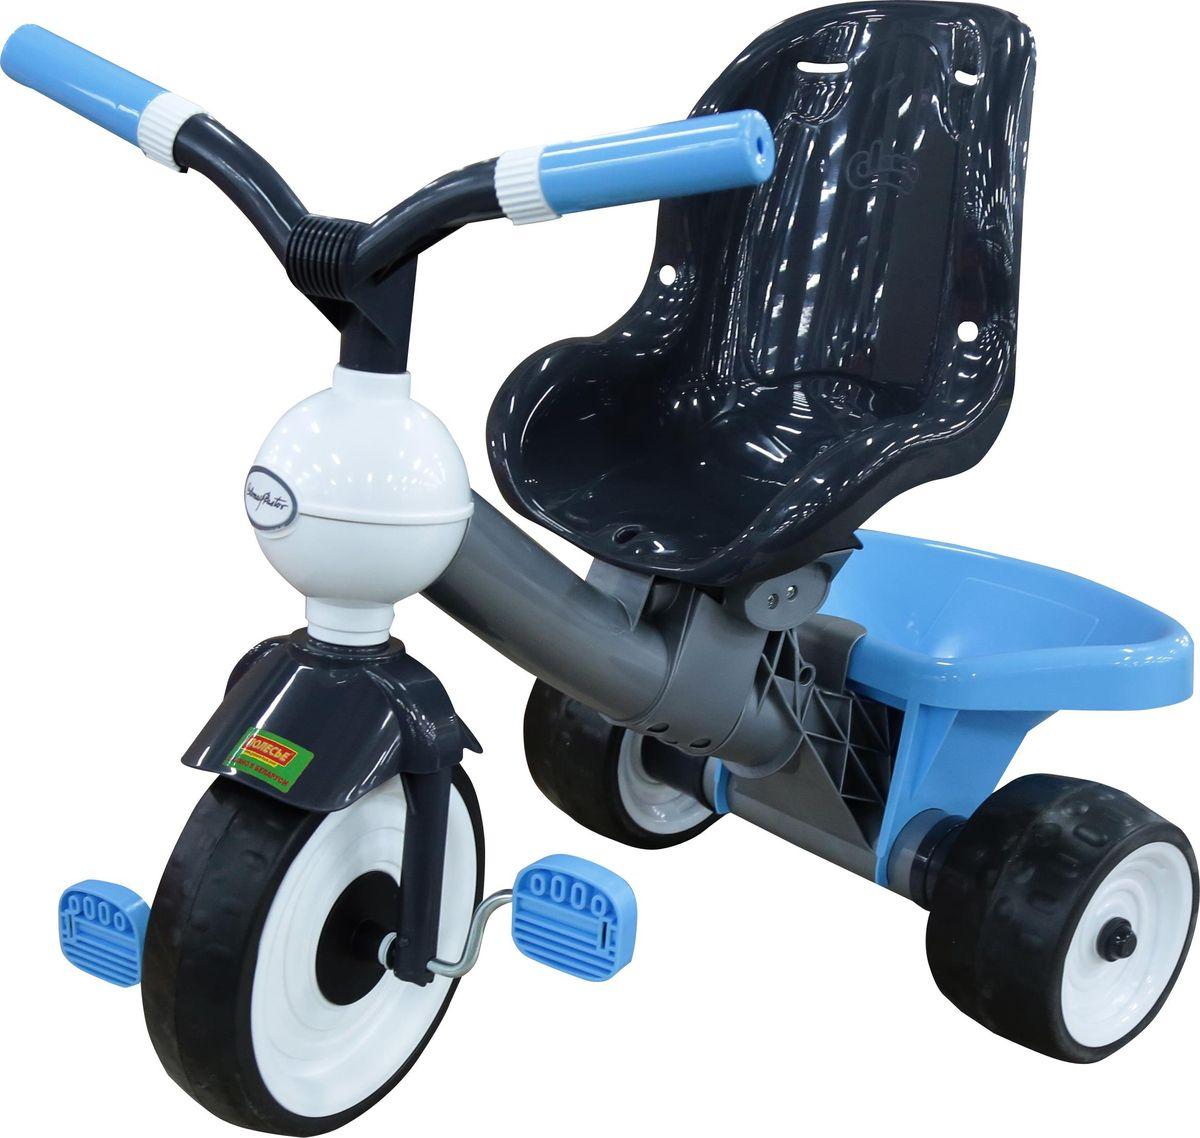 Полесье Велосипед трехколесный Амиго №2, 46420, цвет в ассортименте